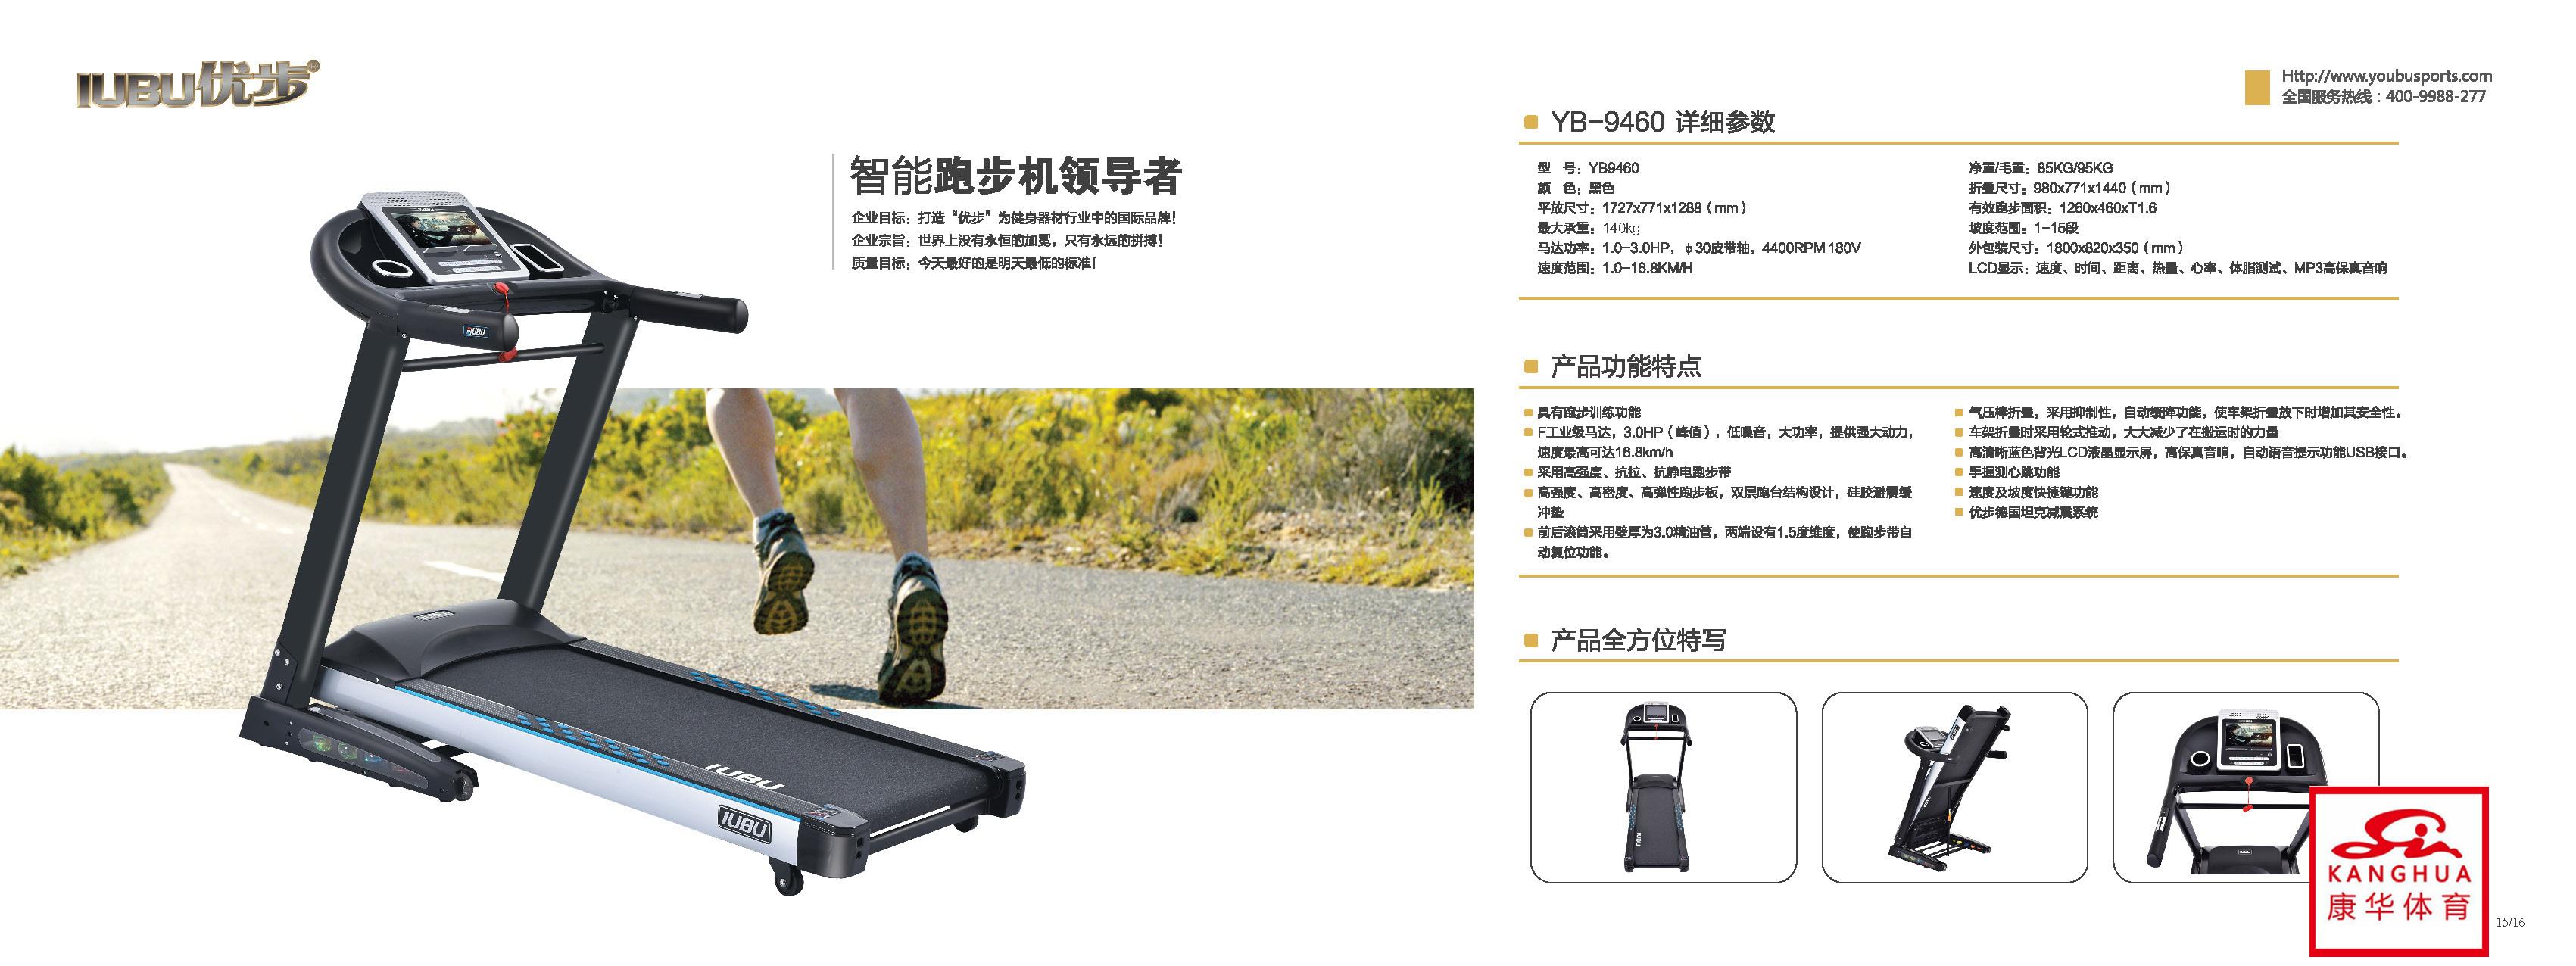 优步IUBU跑步机YB- 9460